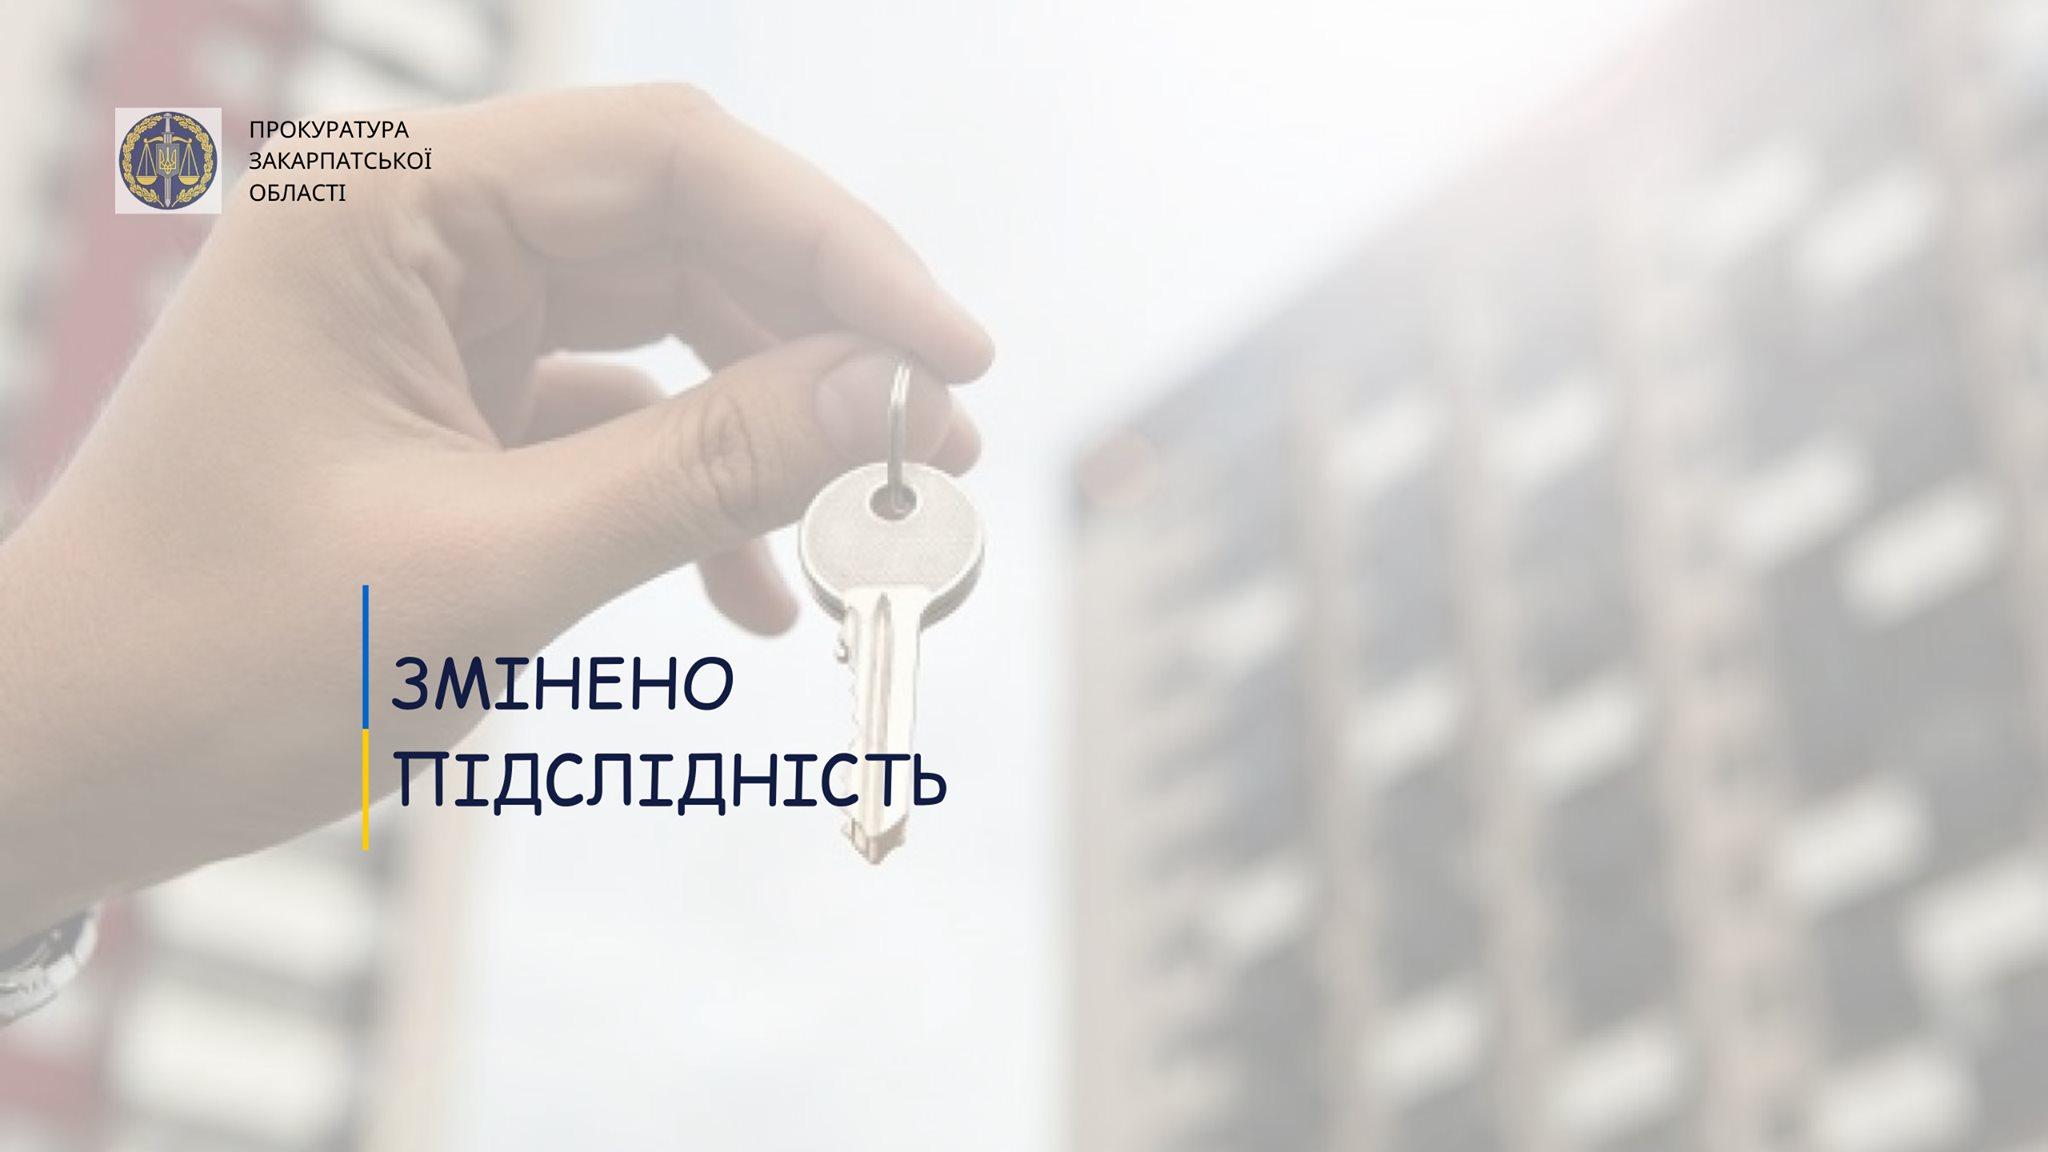 Ділки проводили незаконні оборудки з житлом в Ужгороді.